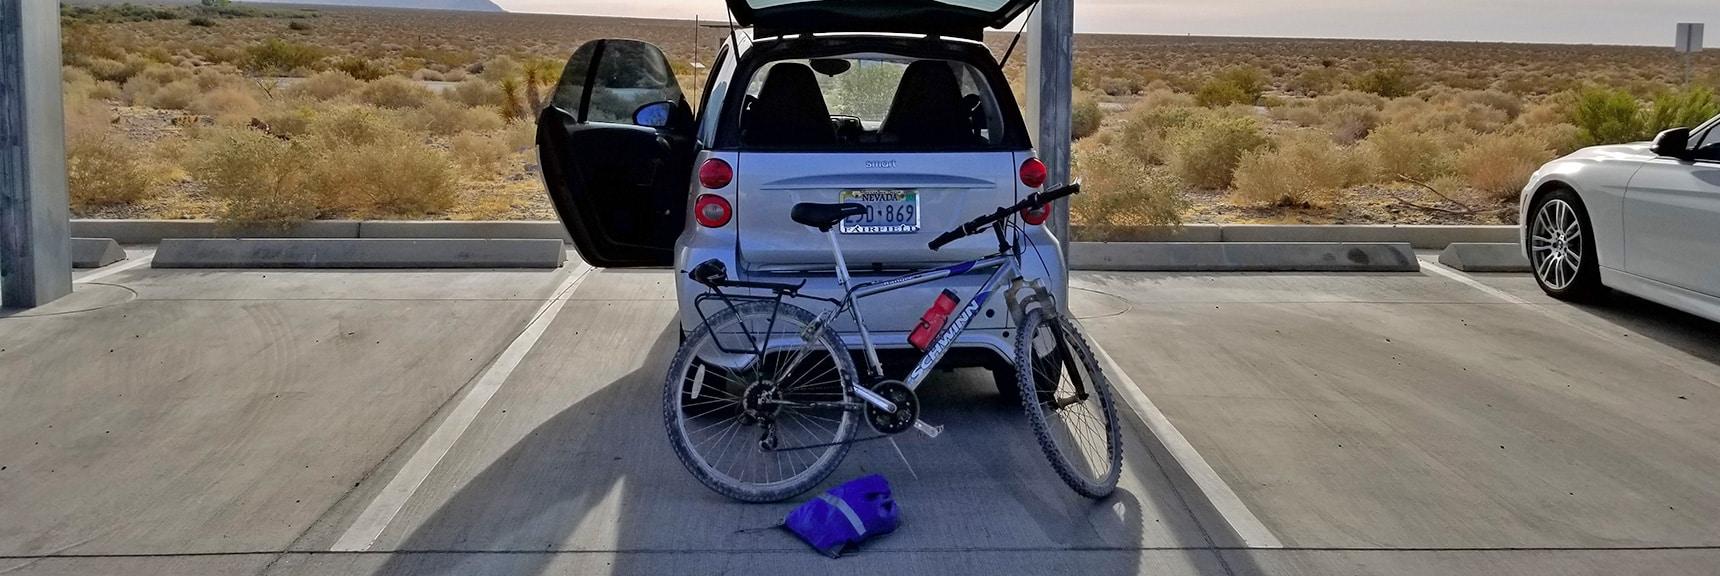 Smart Car, Bike and Bagged Rack System| Smart Car Bike Rack and Mountain Bike Test, Sheep Range, Nevada